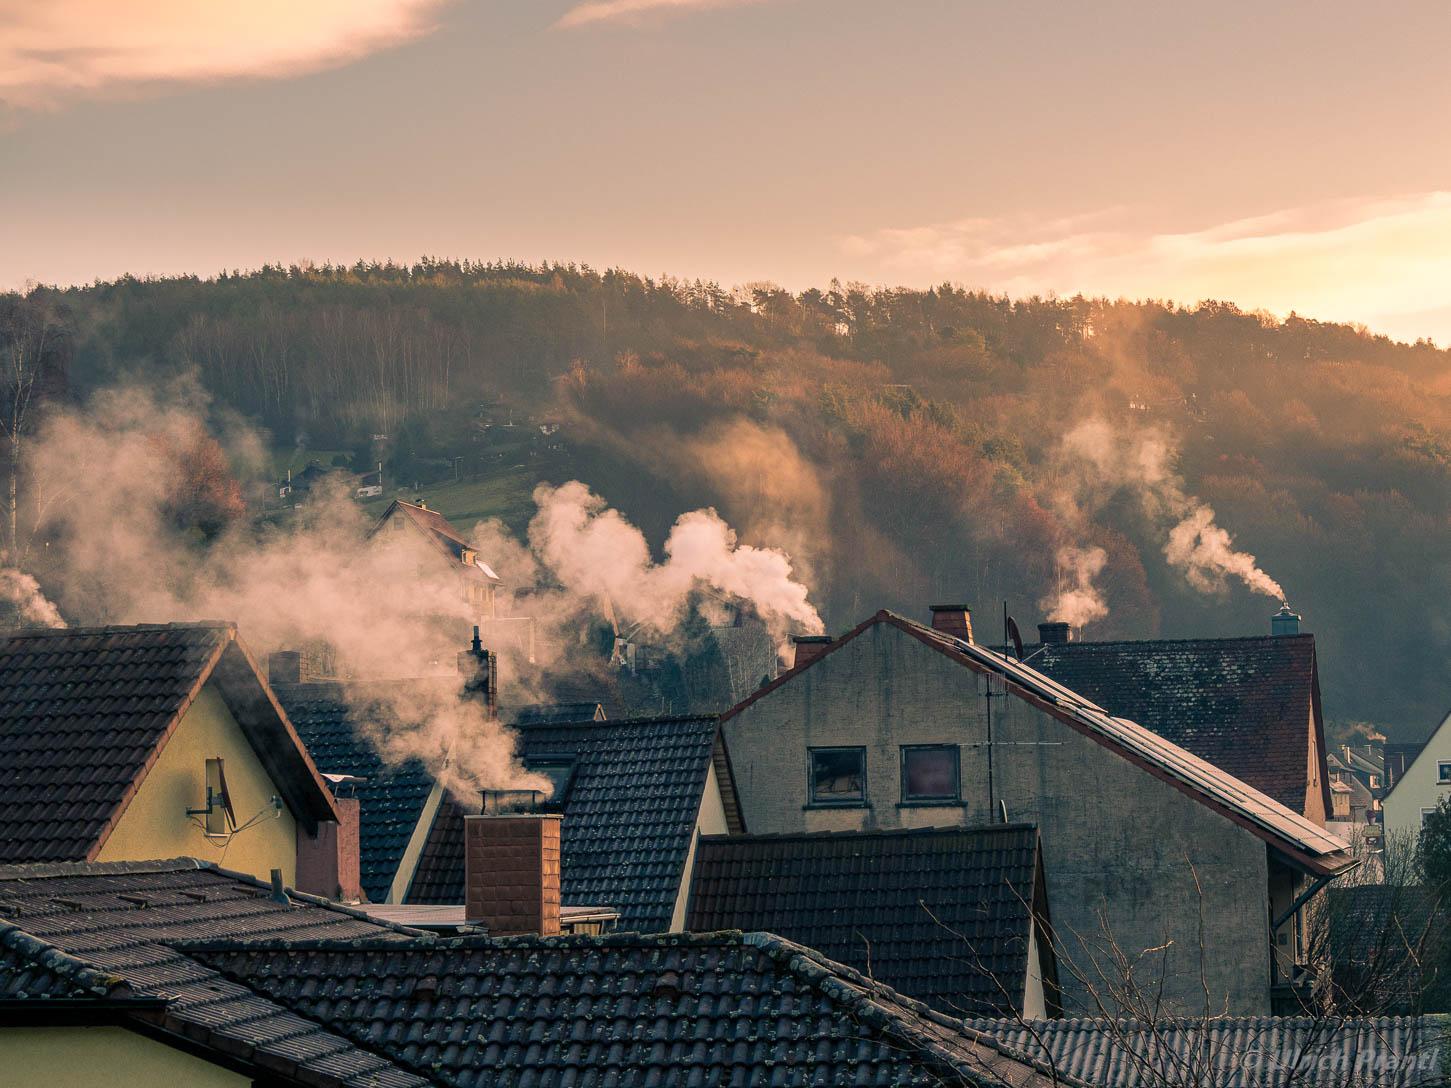 Dammbach Morgenstimmung